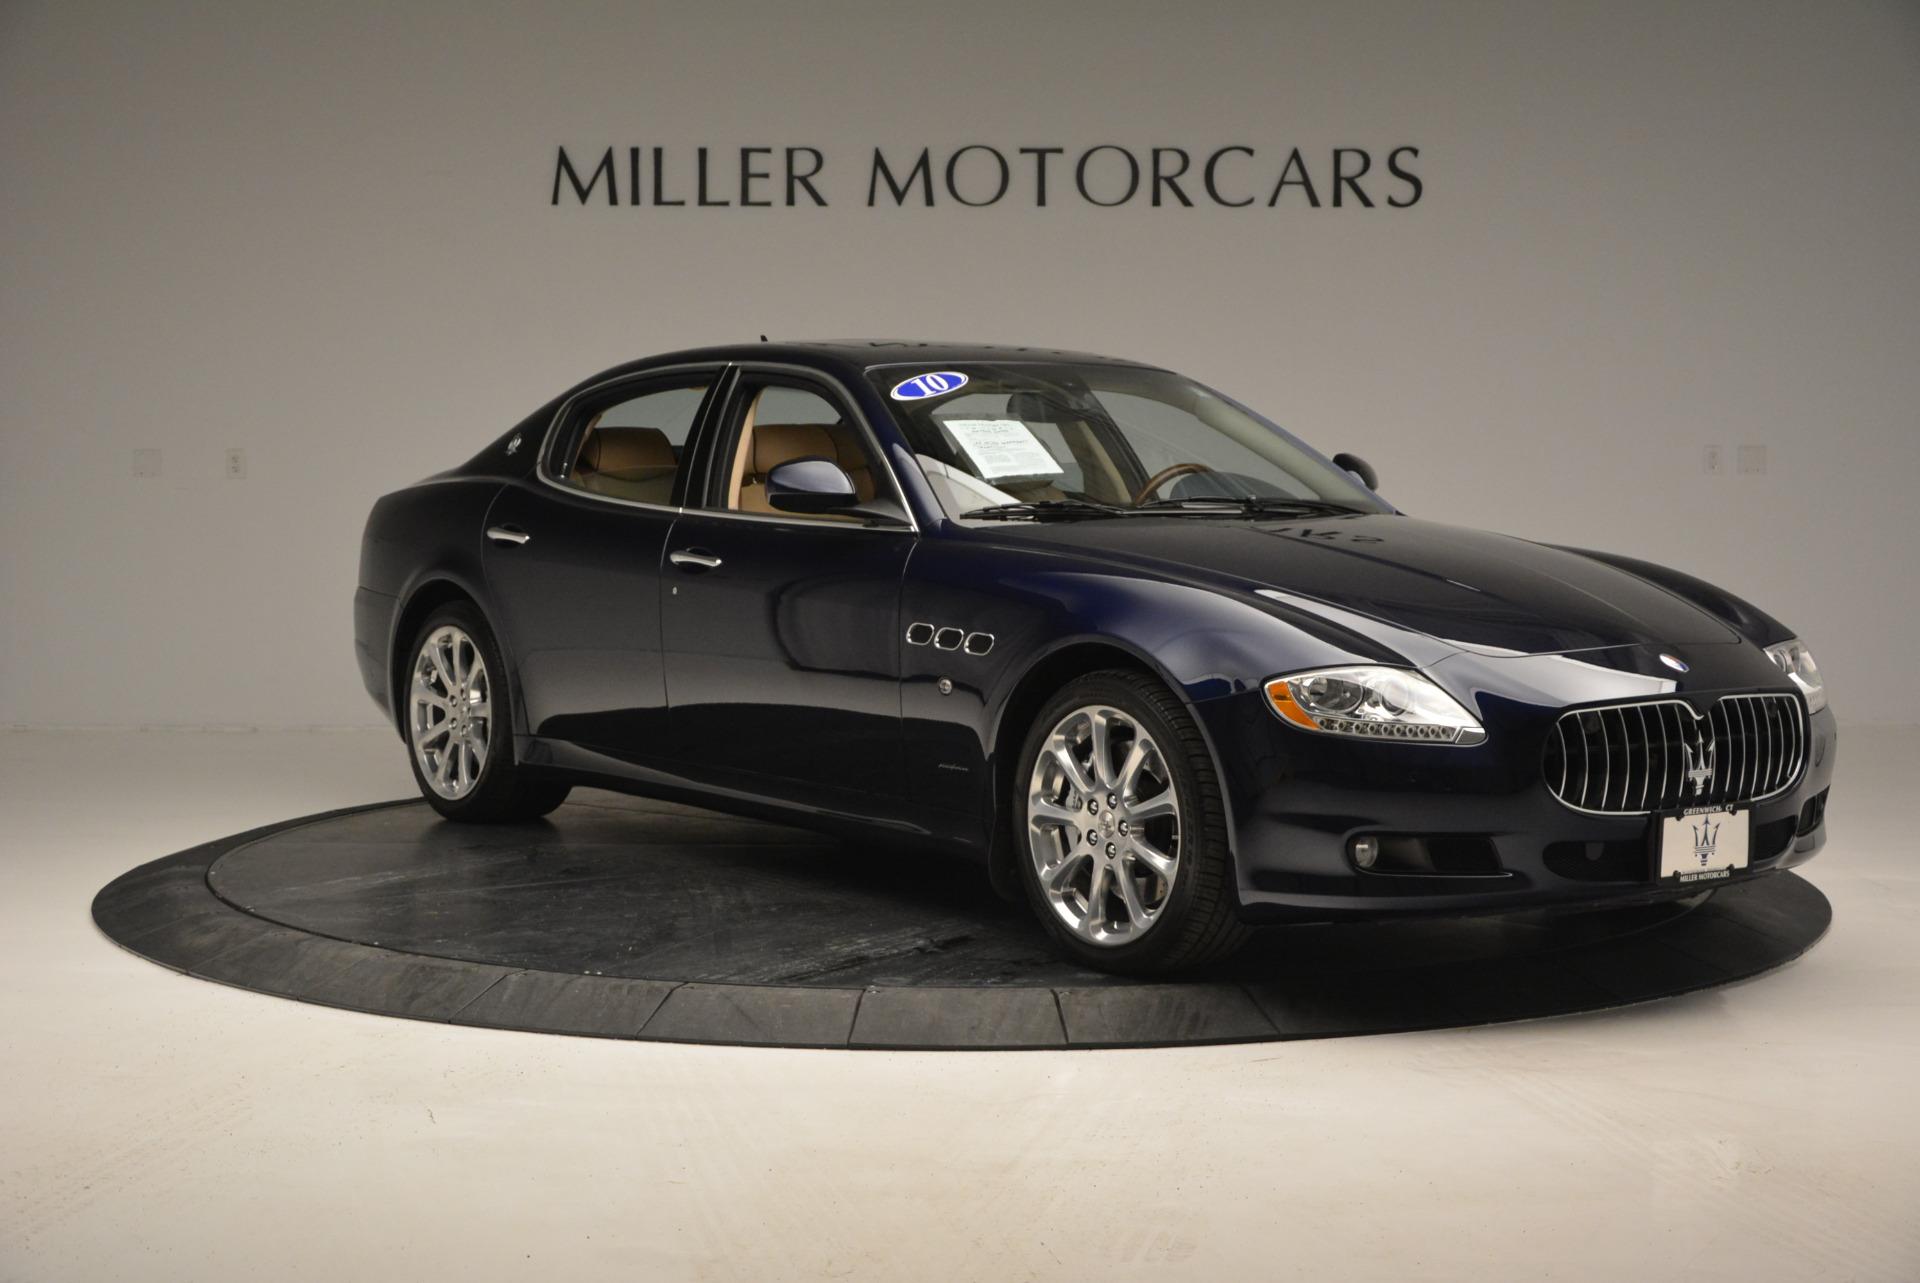 Used 2010 Maserati Quattroporte S For Sale In Greenwich, CT. Alfa Romeo of Greenwich, 1267 795_p11